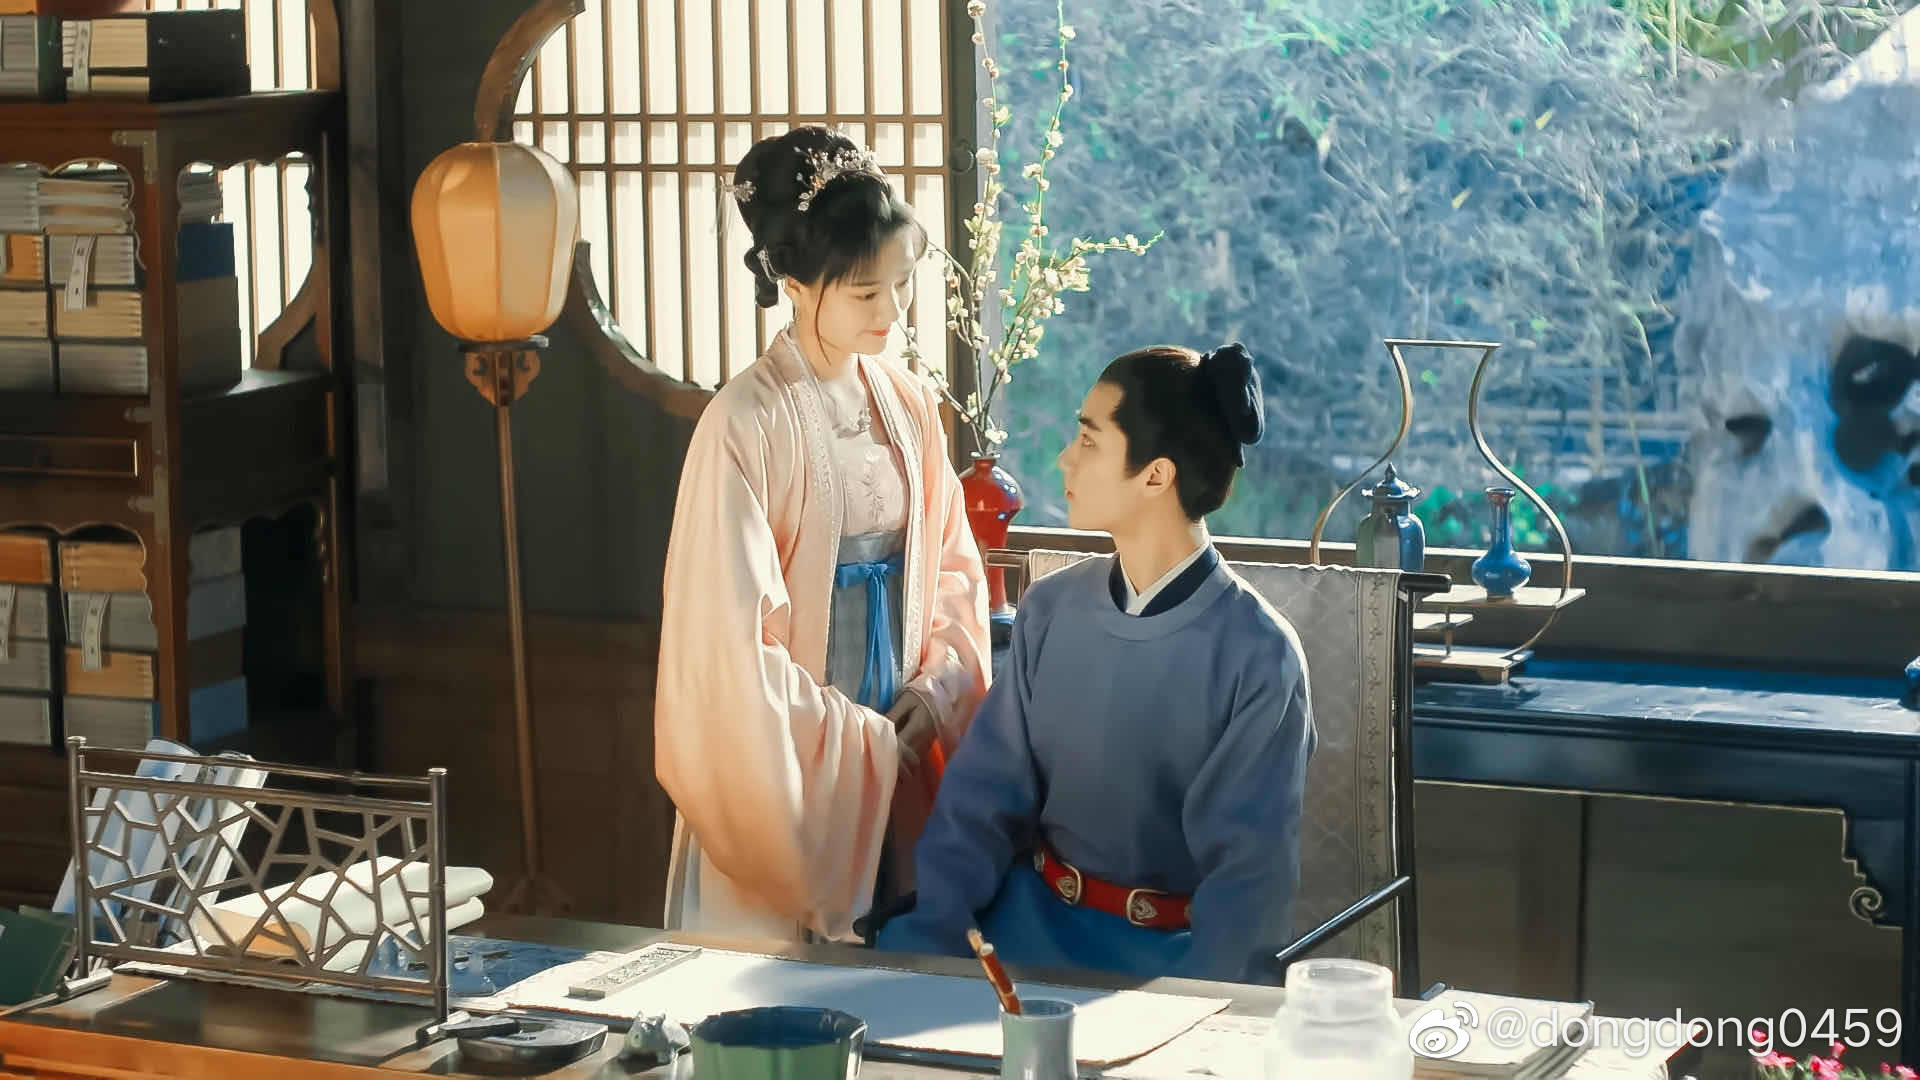 5 nàng công chúa bất hạnh nhất màn ảnh Hoa ngữ: Người mất một cánh tay, người chịu tủi nhục vì bị cưỡng bức - Ảnh 5.